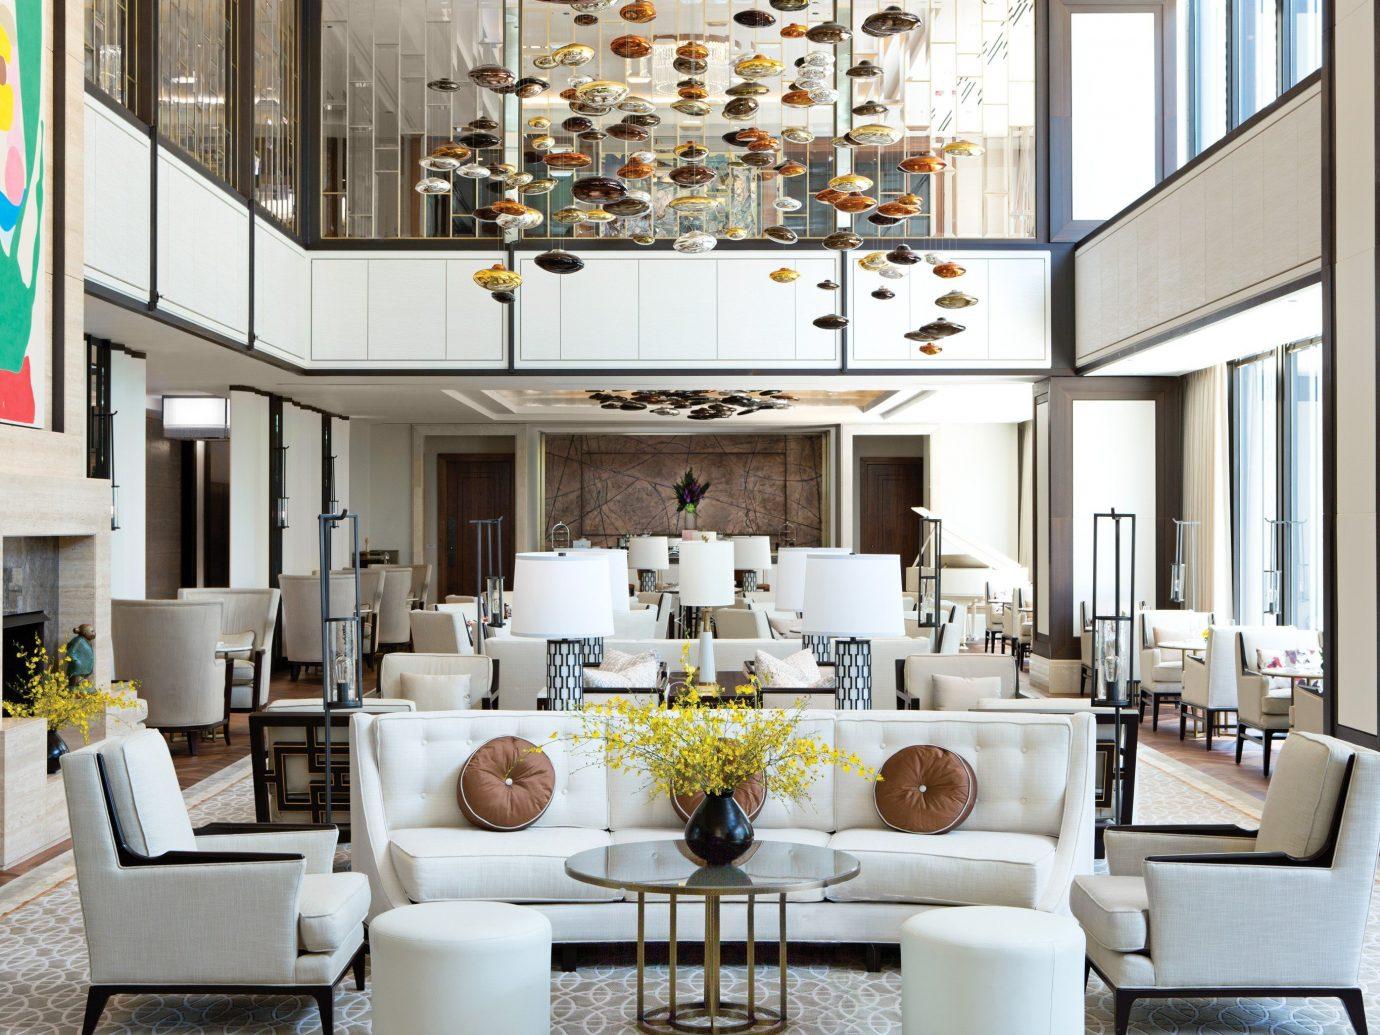 Hotels Romance Trip Ideas indoor room dining room property living room condominium interior design estate home white restaurant Design furniture